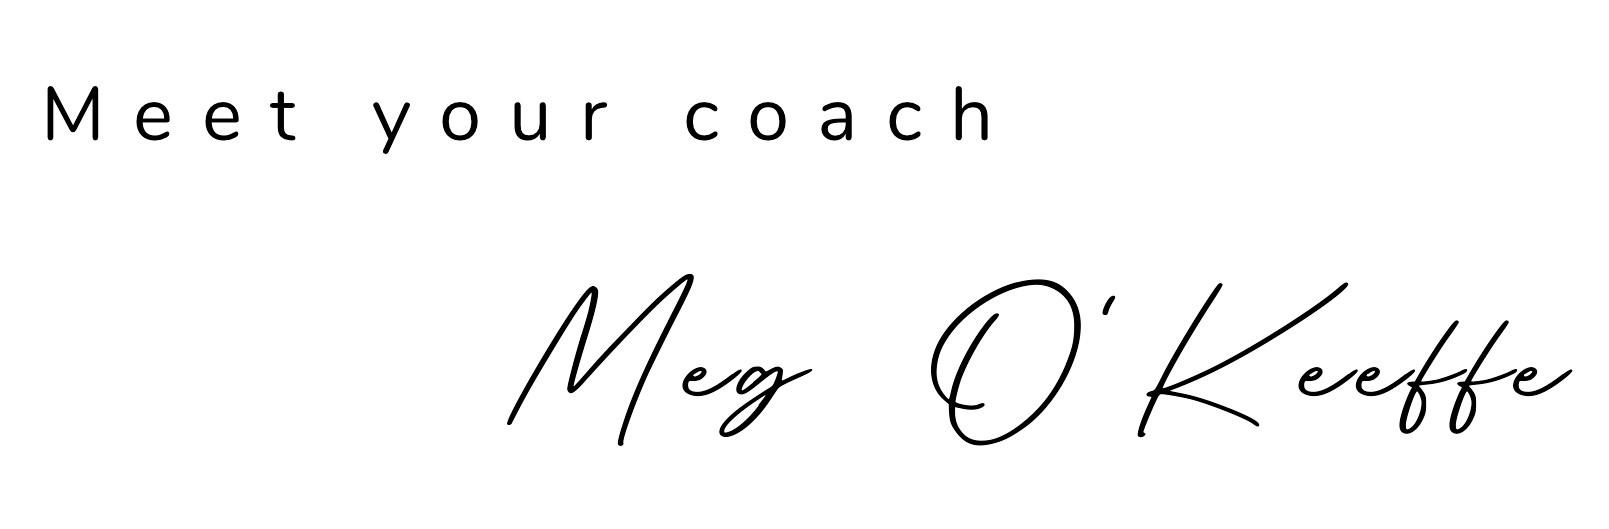 Meg O'Keeffe Montessori Parenting Coaching Dr. Shefali Conscious Parent Trainer